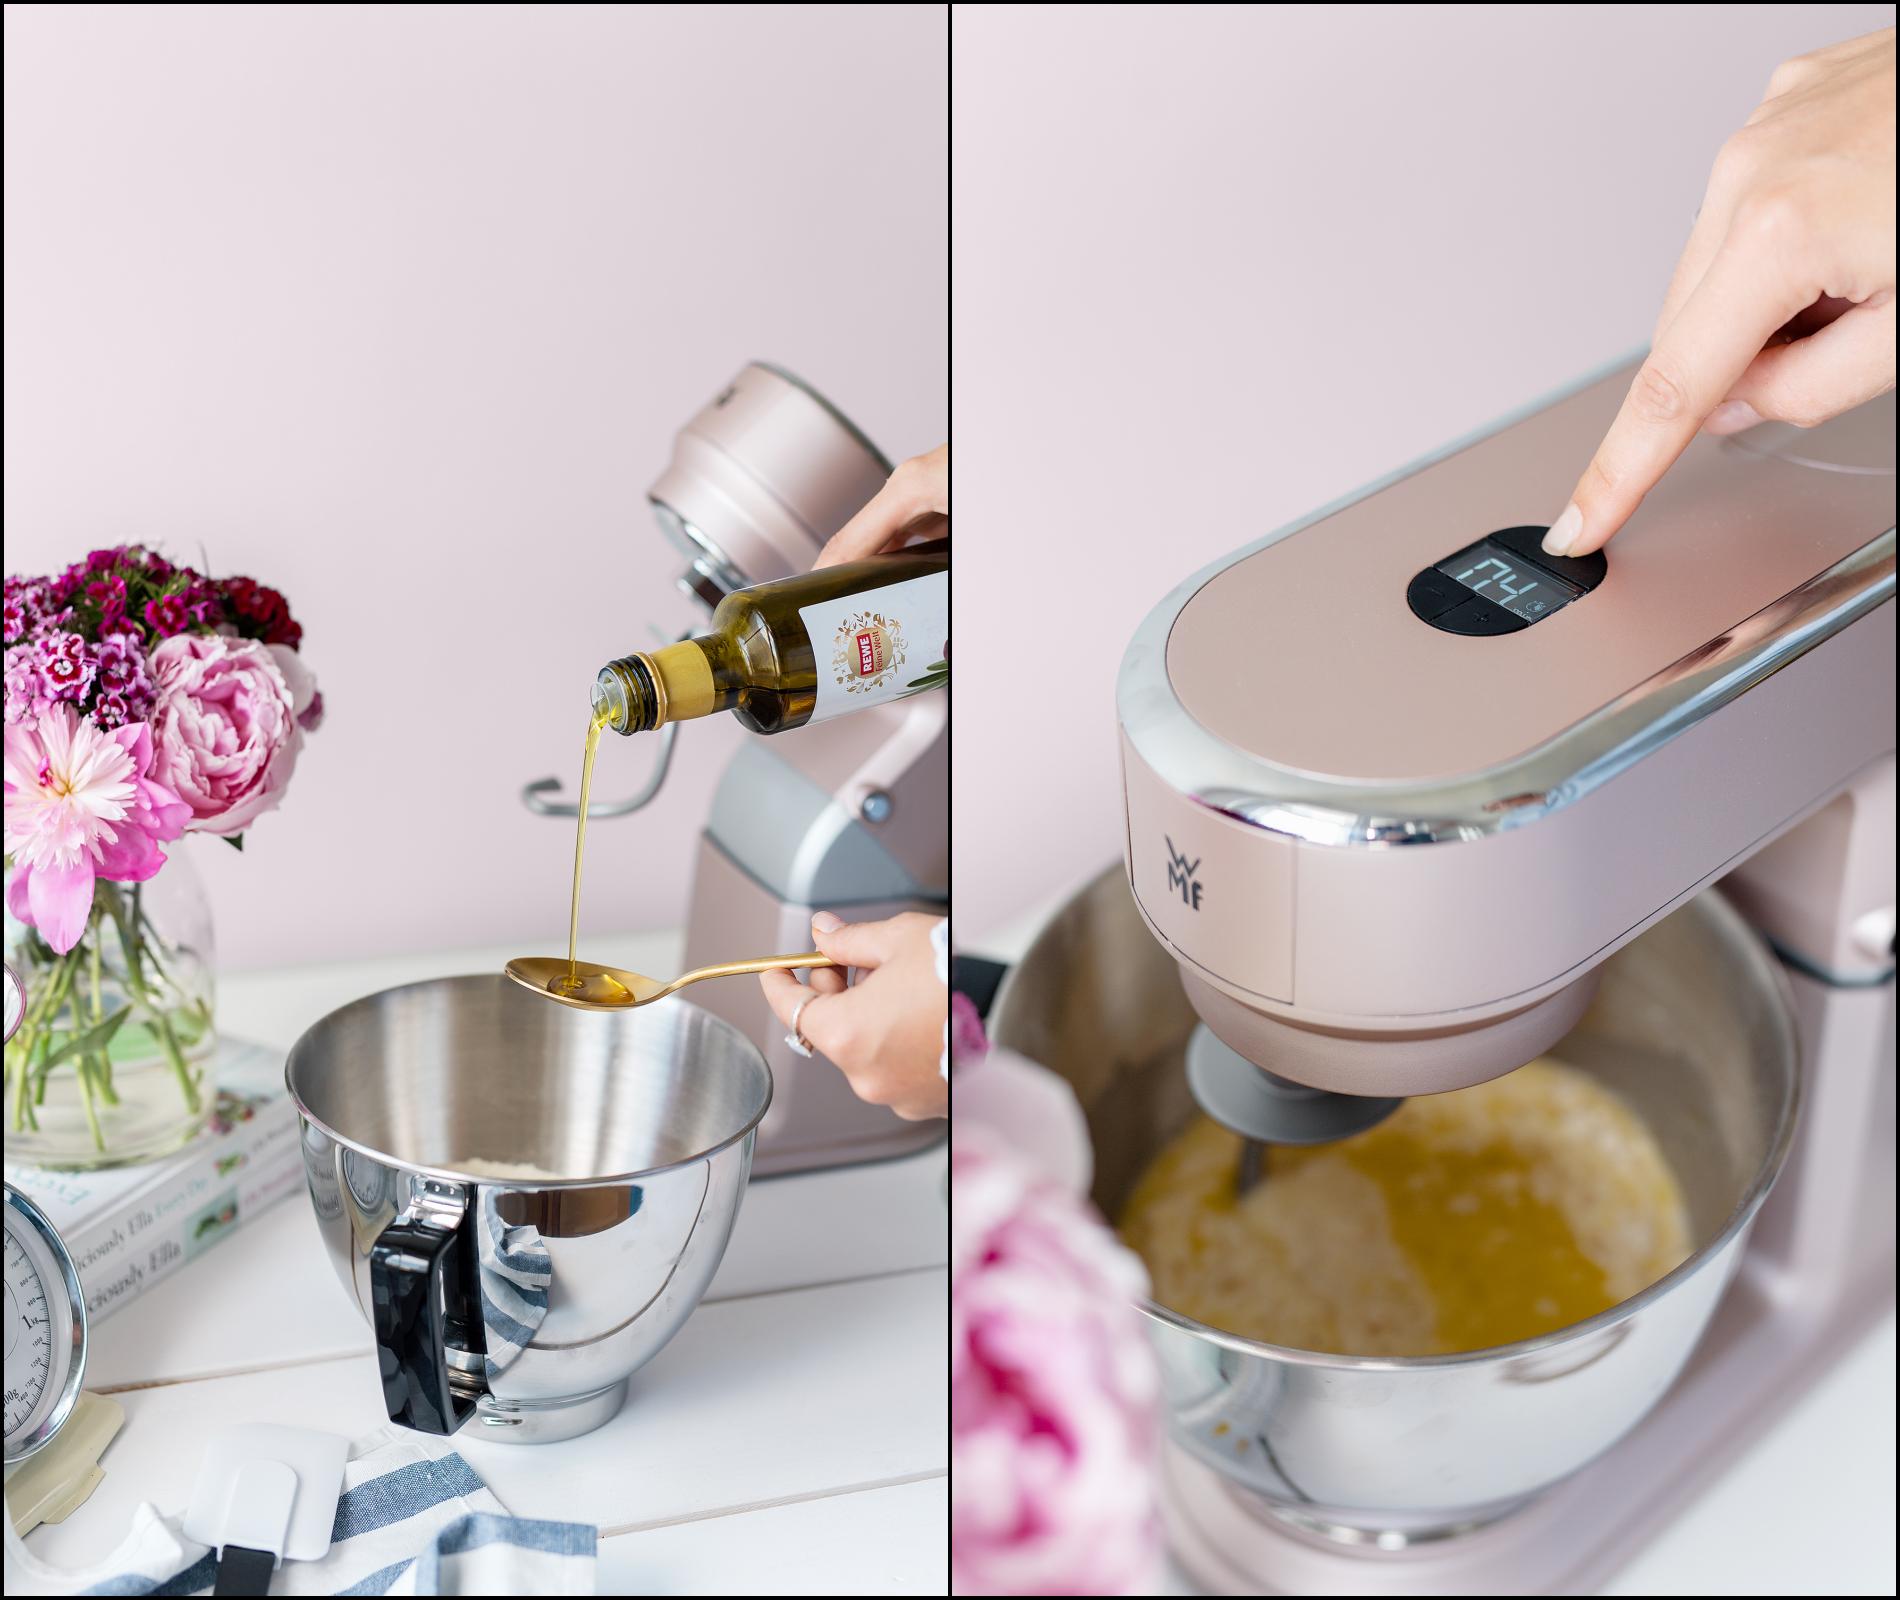 WMF Küchenminis Küchenmaschine Erfahrung